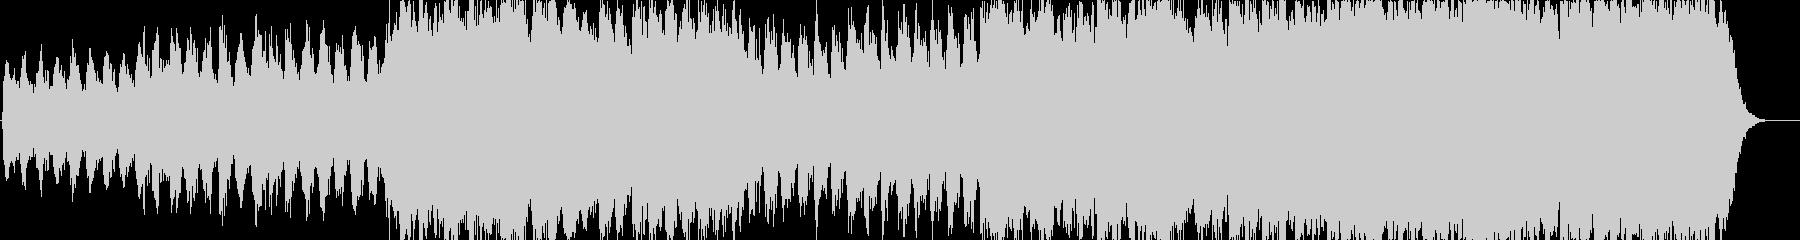 癒し系クラシックの未再生の波形